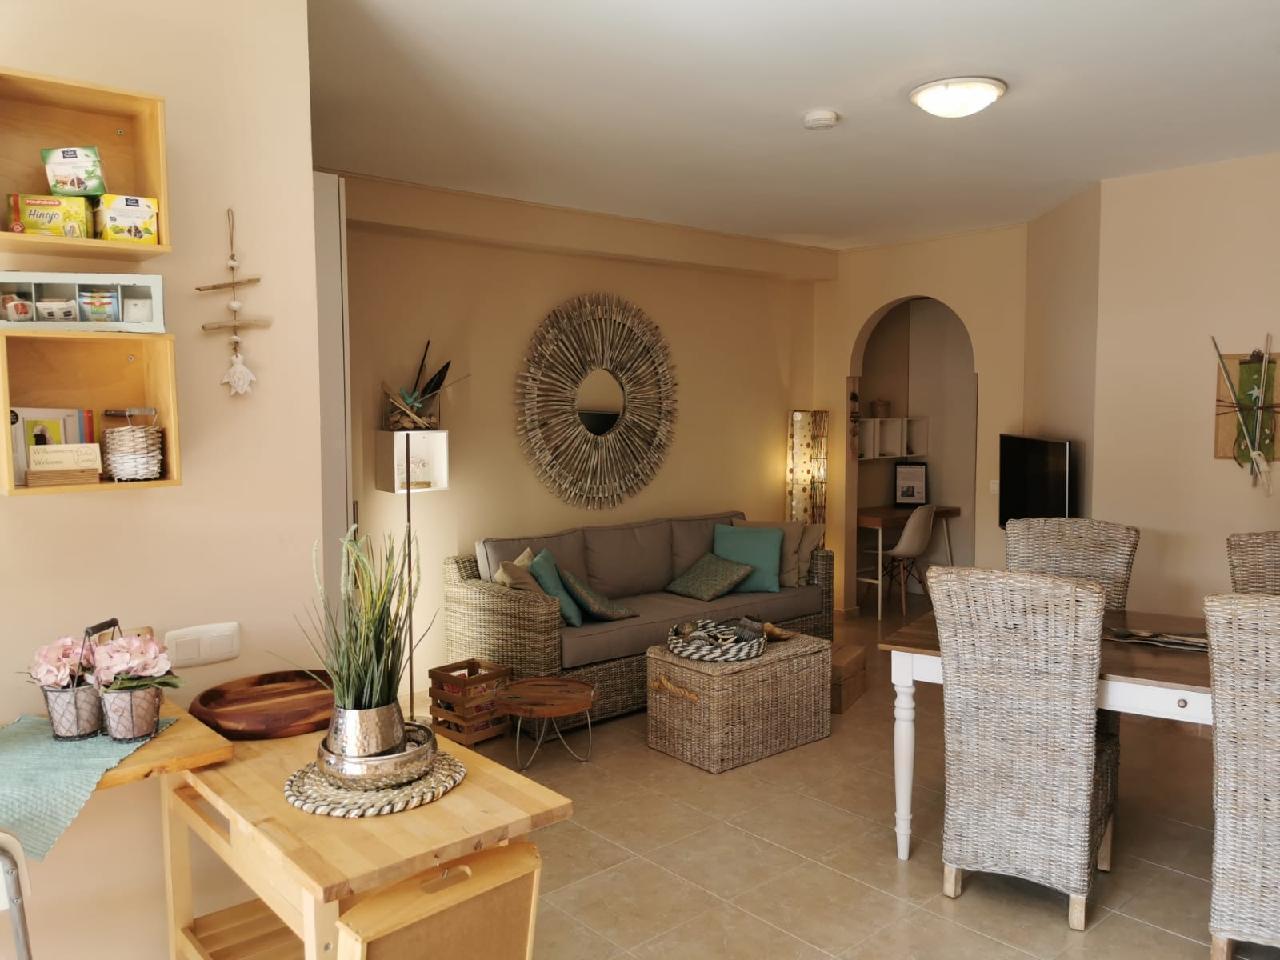 Ferienwohnung 114 m²  - 1A Meerblick  -  Strandnah  -  Familienfreundlich  -  Top Lage (2633968), Costa Calma, Fuerteventura, Kanarische Inseln, Spanien, Bild 7